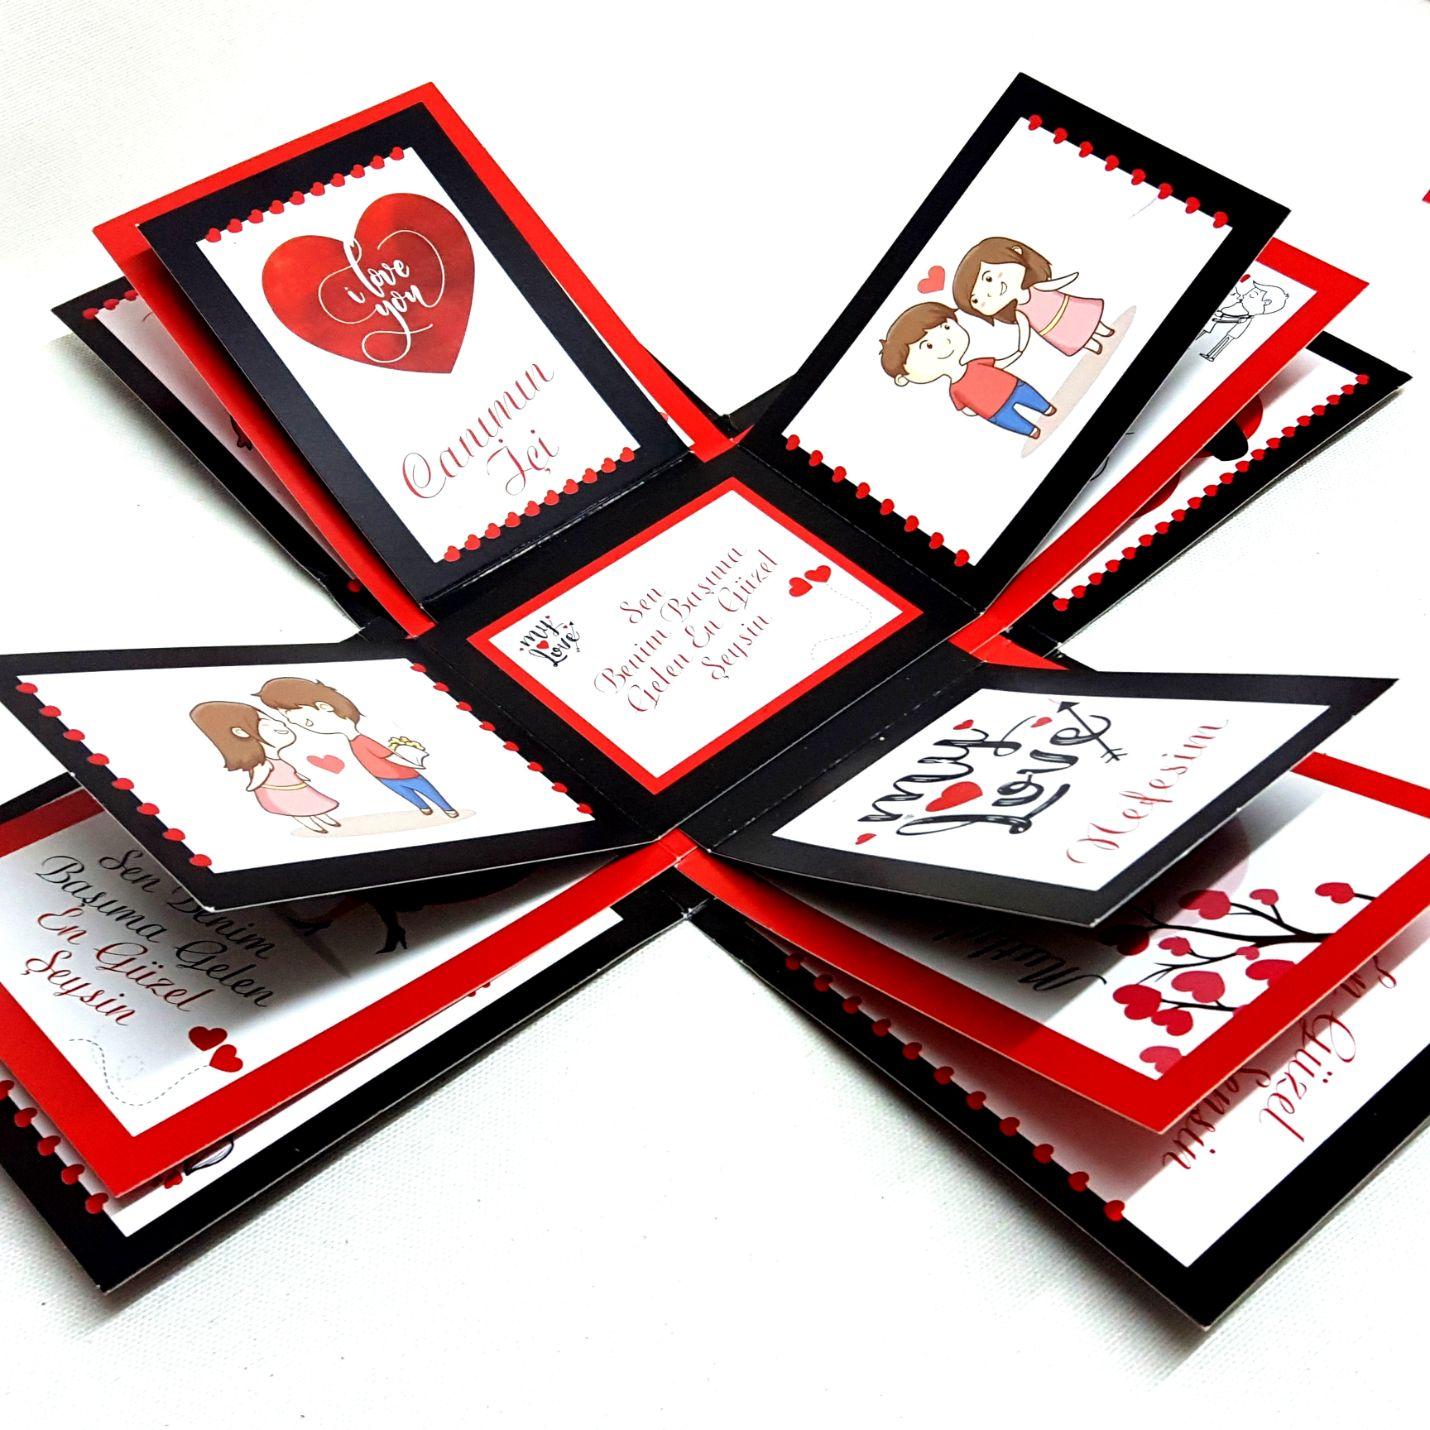 12 Farklı Romantik Söz ve Görsel İçeren Patlayan Kutu